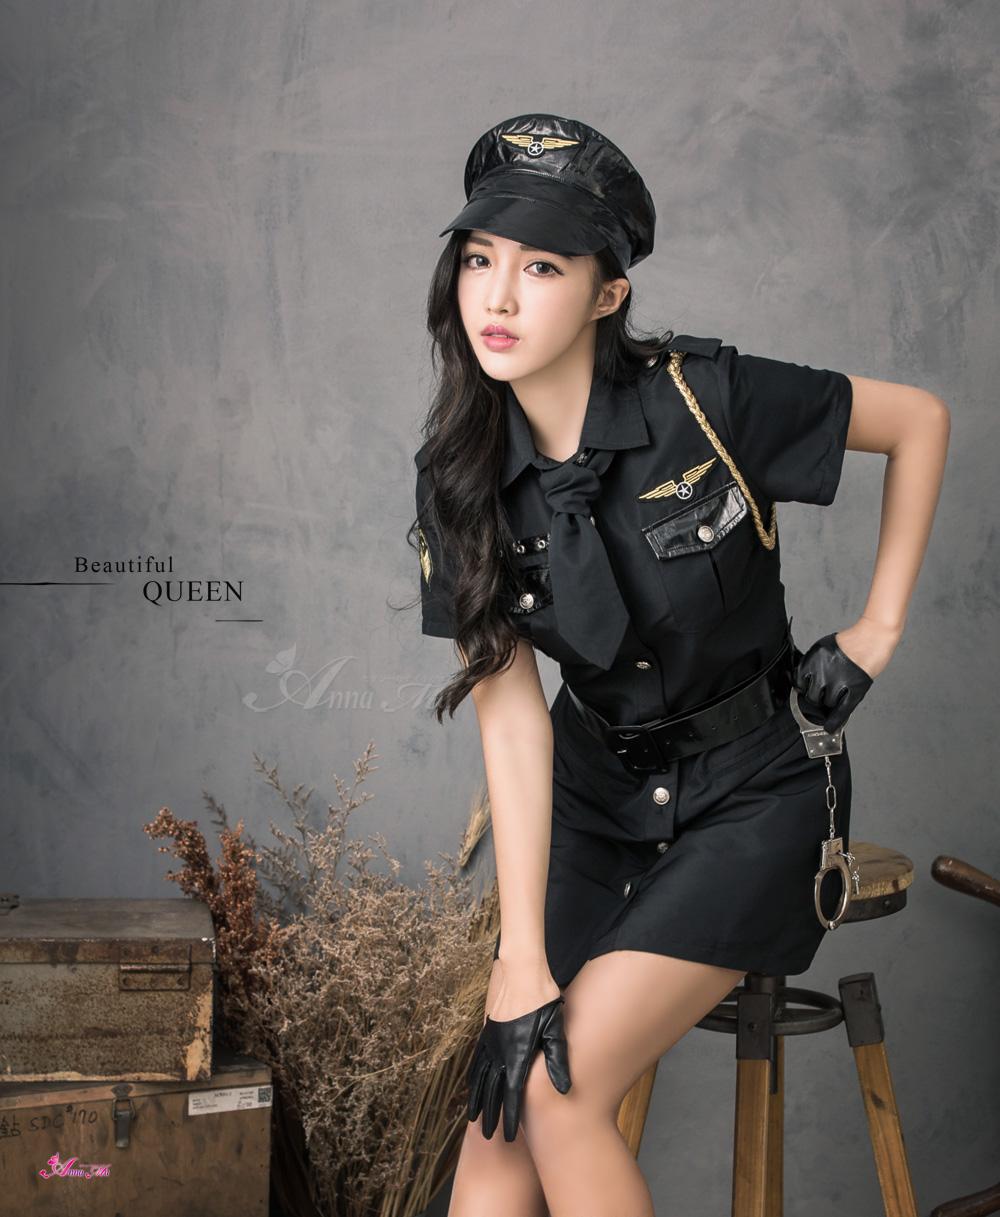 투깝스 경찰제복